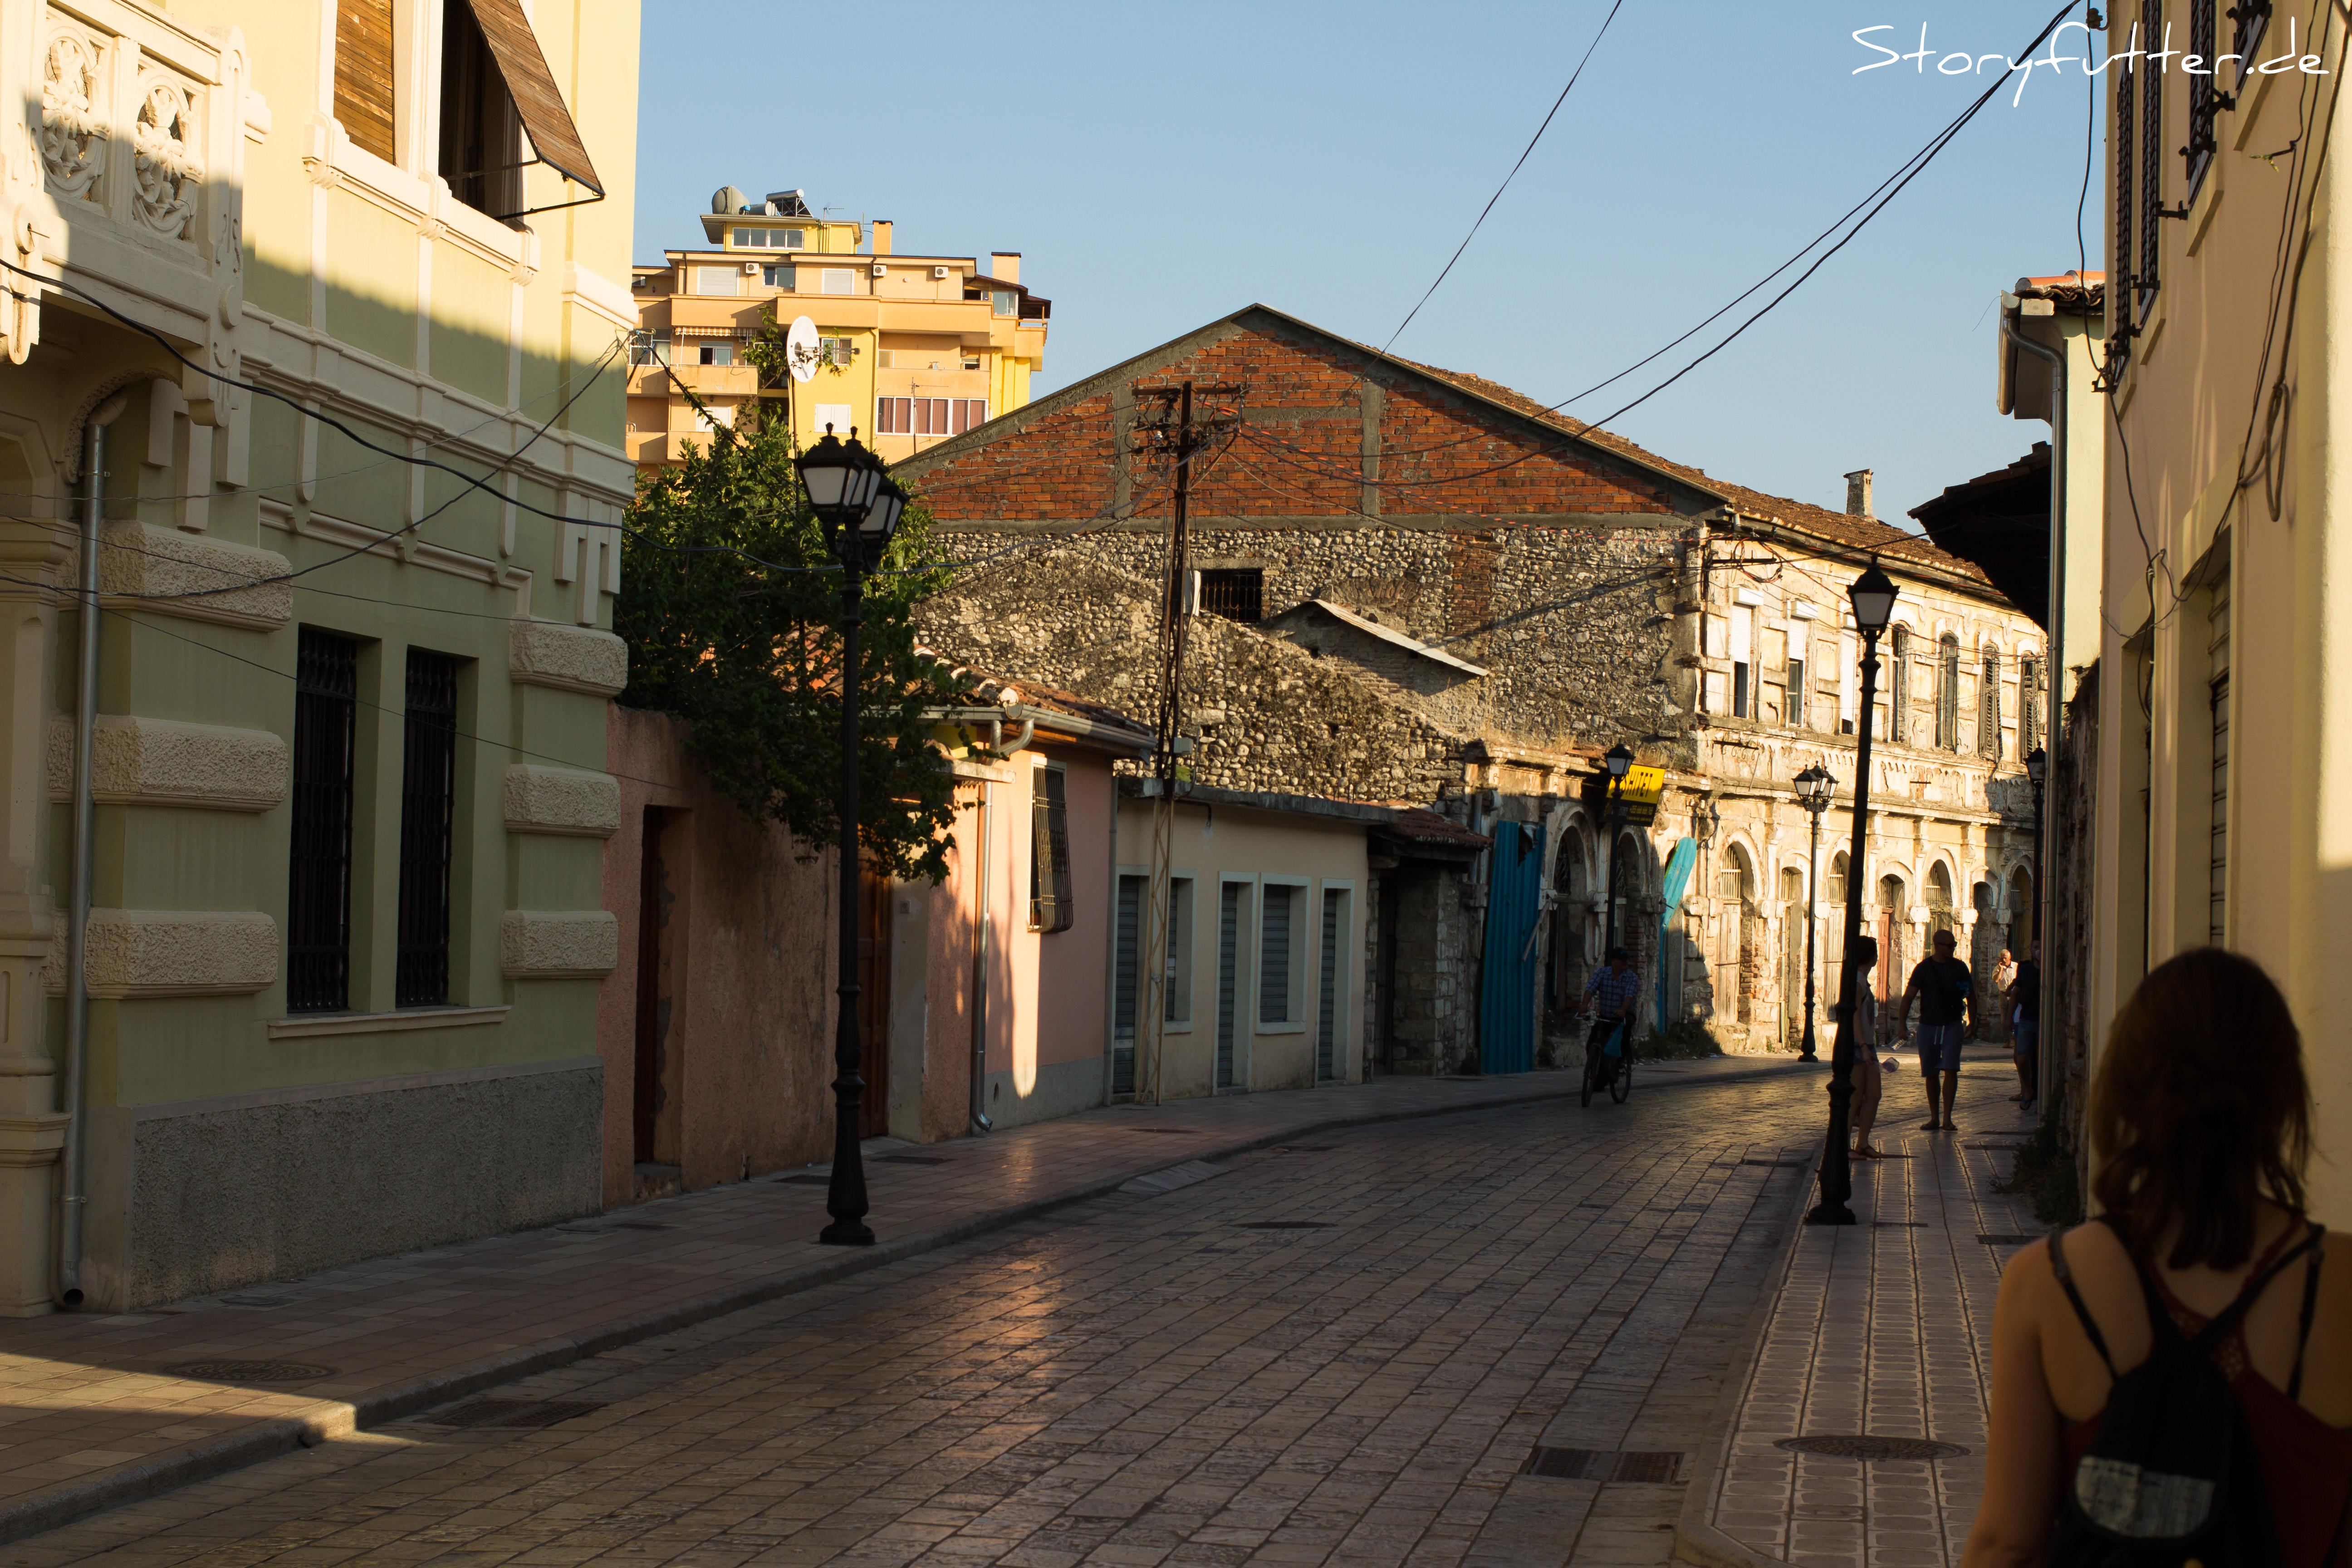 Shkodra bietet viel Raum zum Schlendern und Kaffee trinken - sonst gibt es nicht viel zu tun.